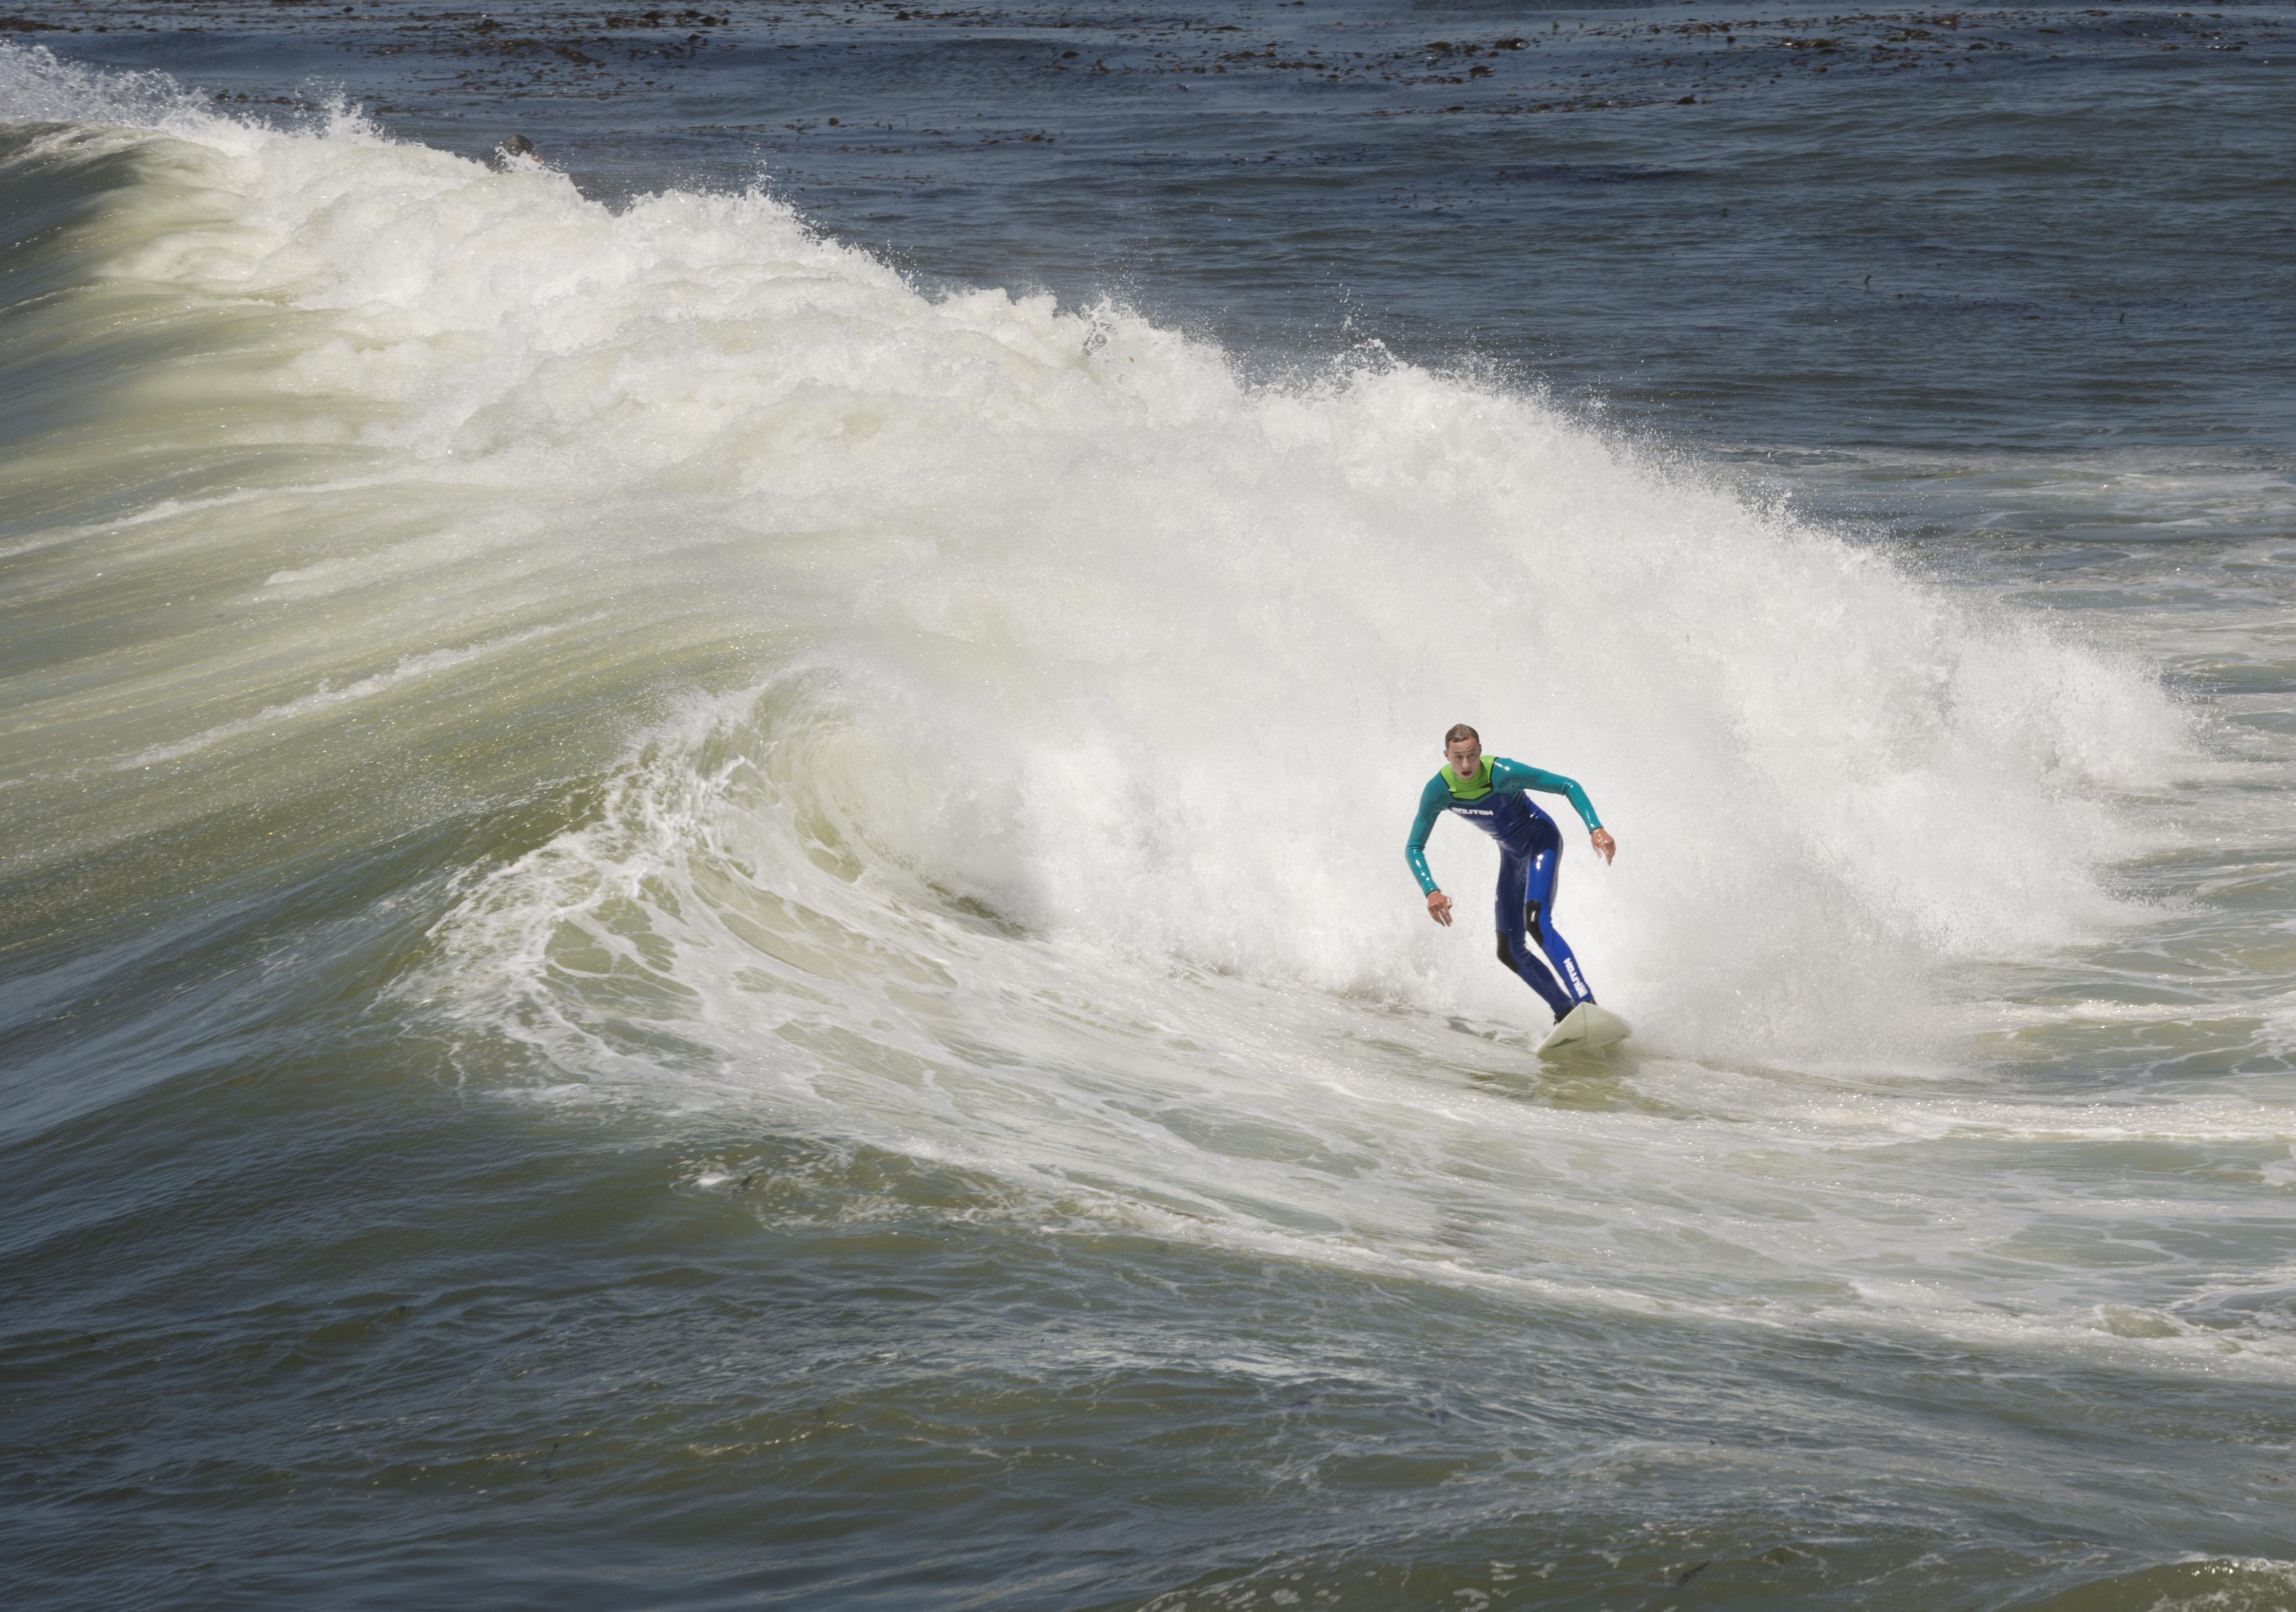 Water, Beach, Wave, Sea, Ocean, Athlete, Summer